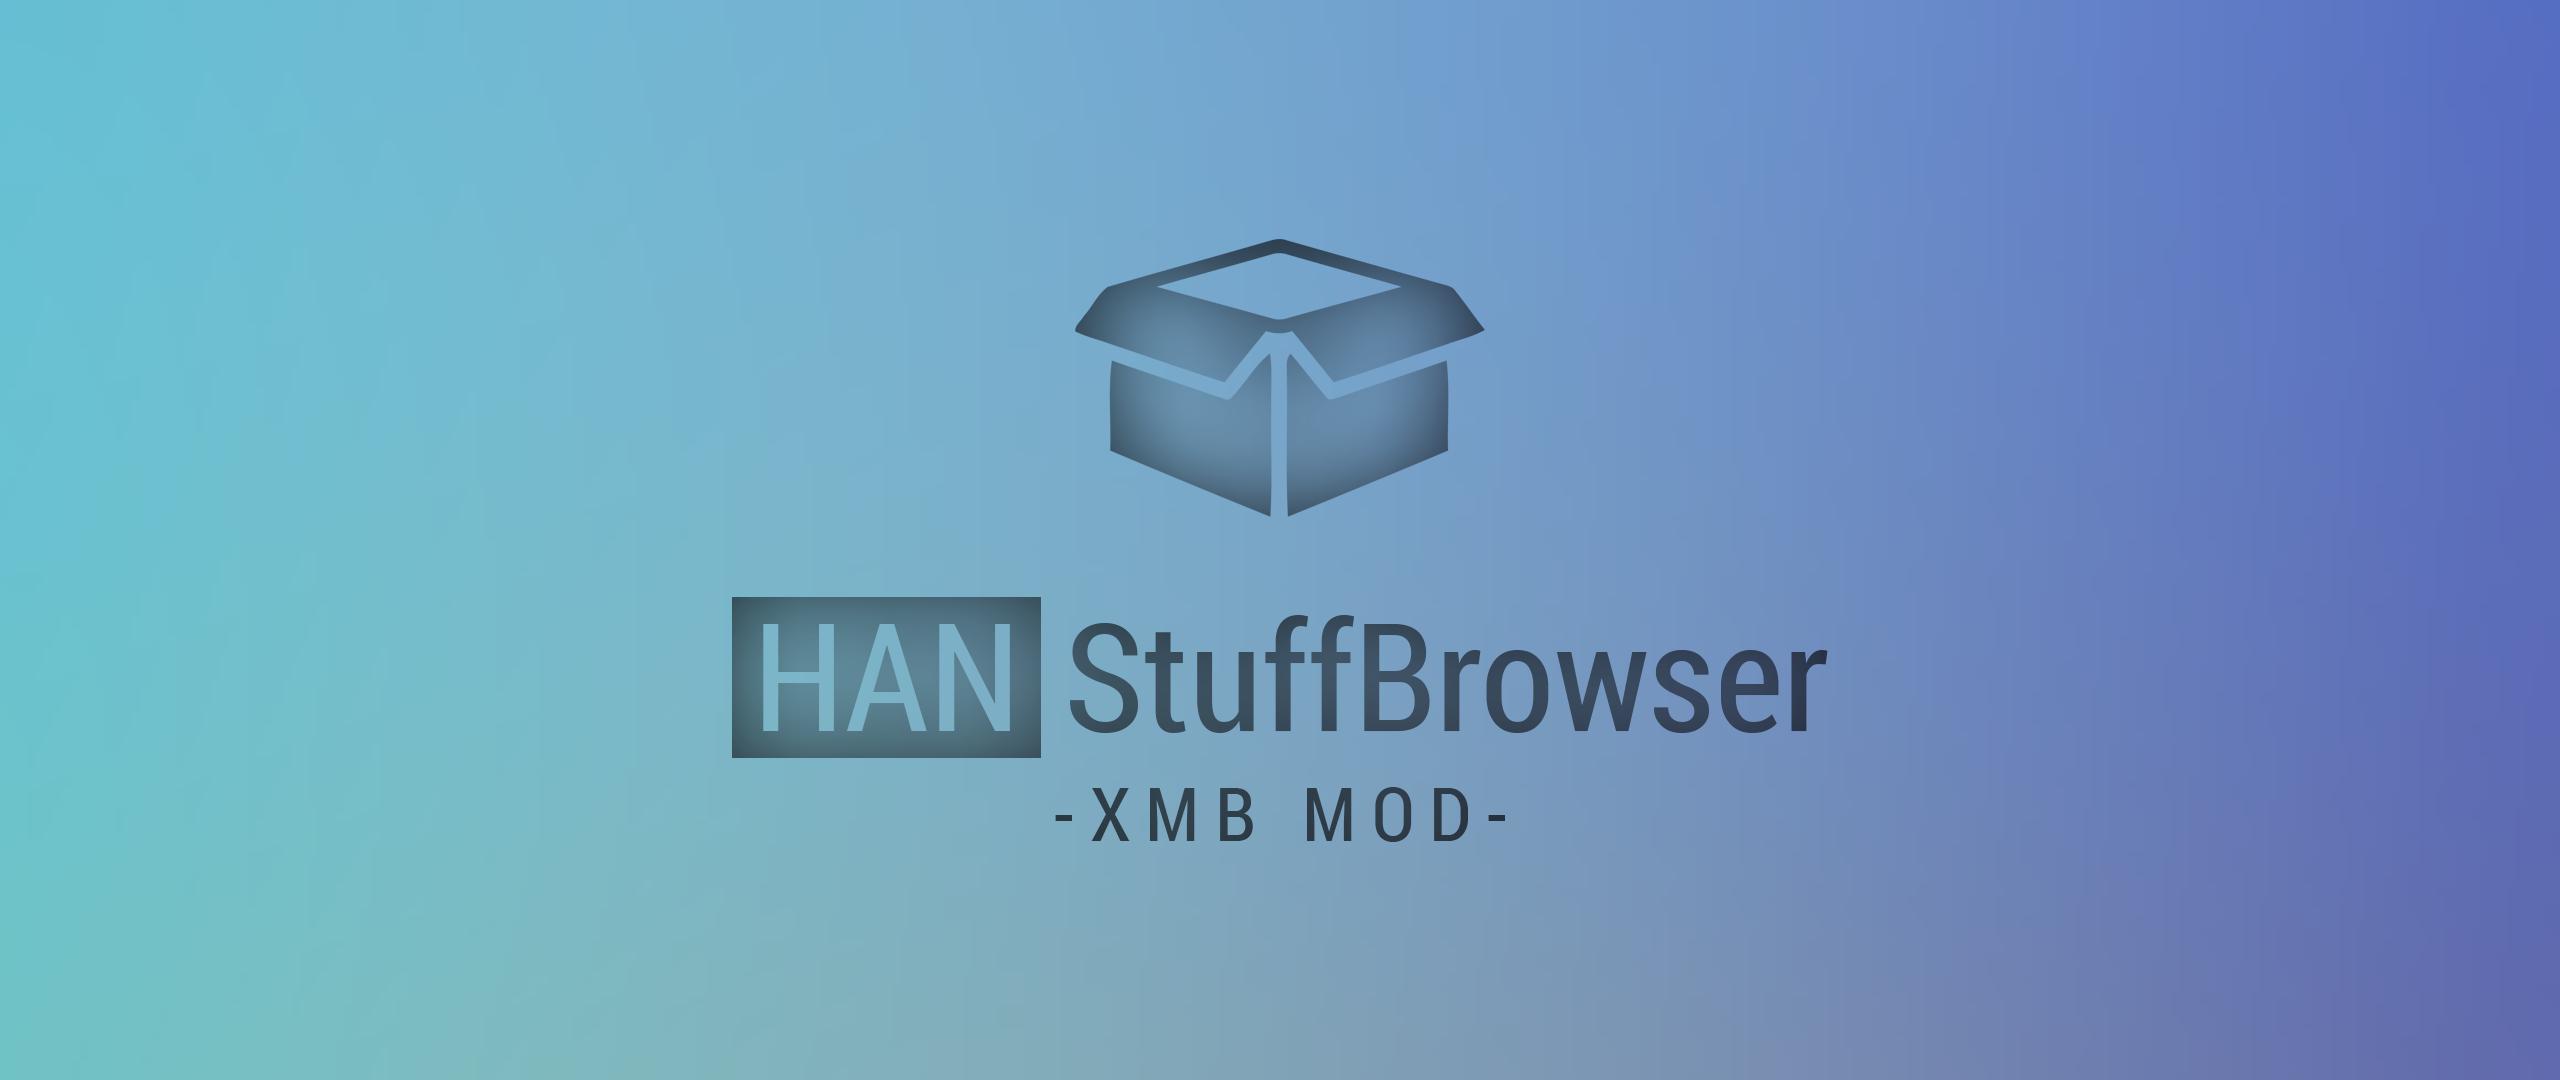 GitHub - The-Marker/HAN-StuffBrowser: PS3 HAN XMB MOD